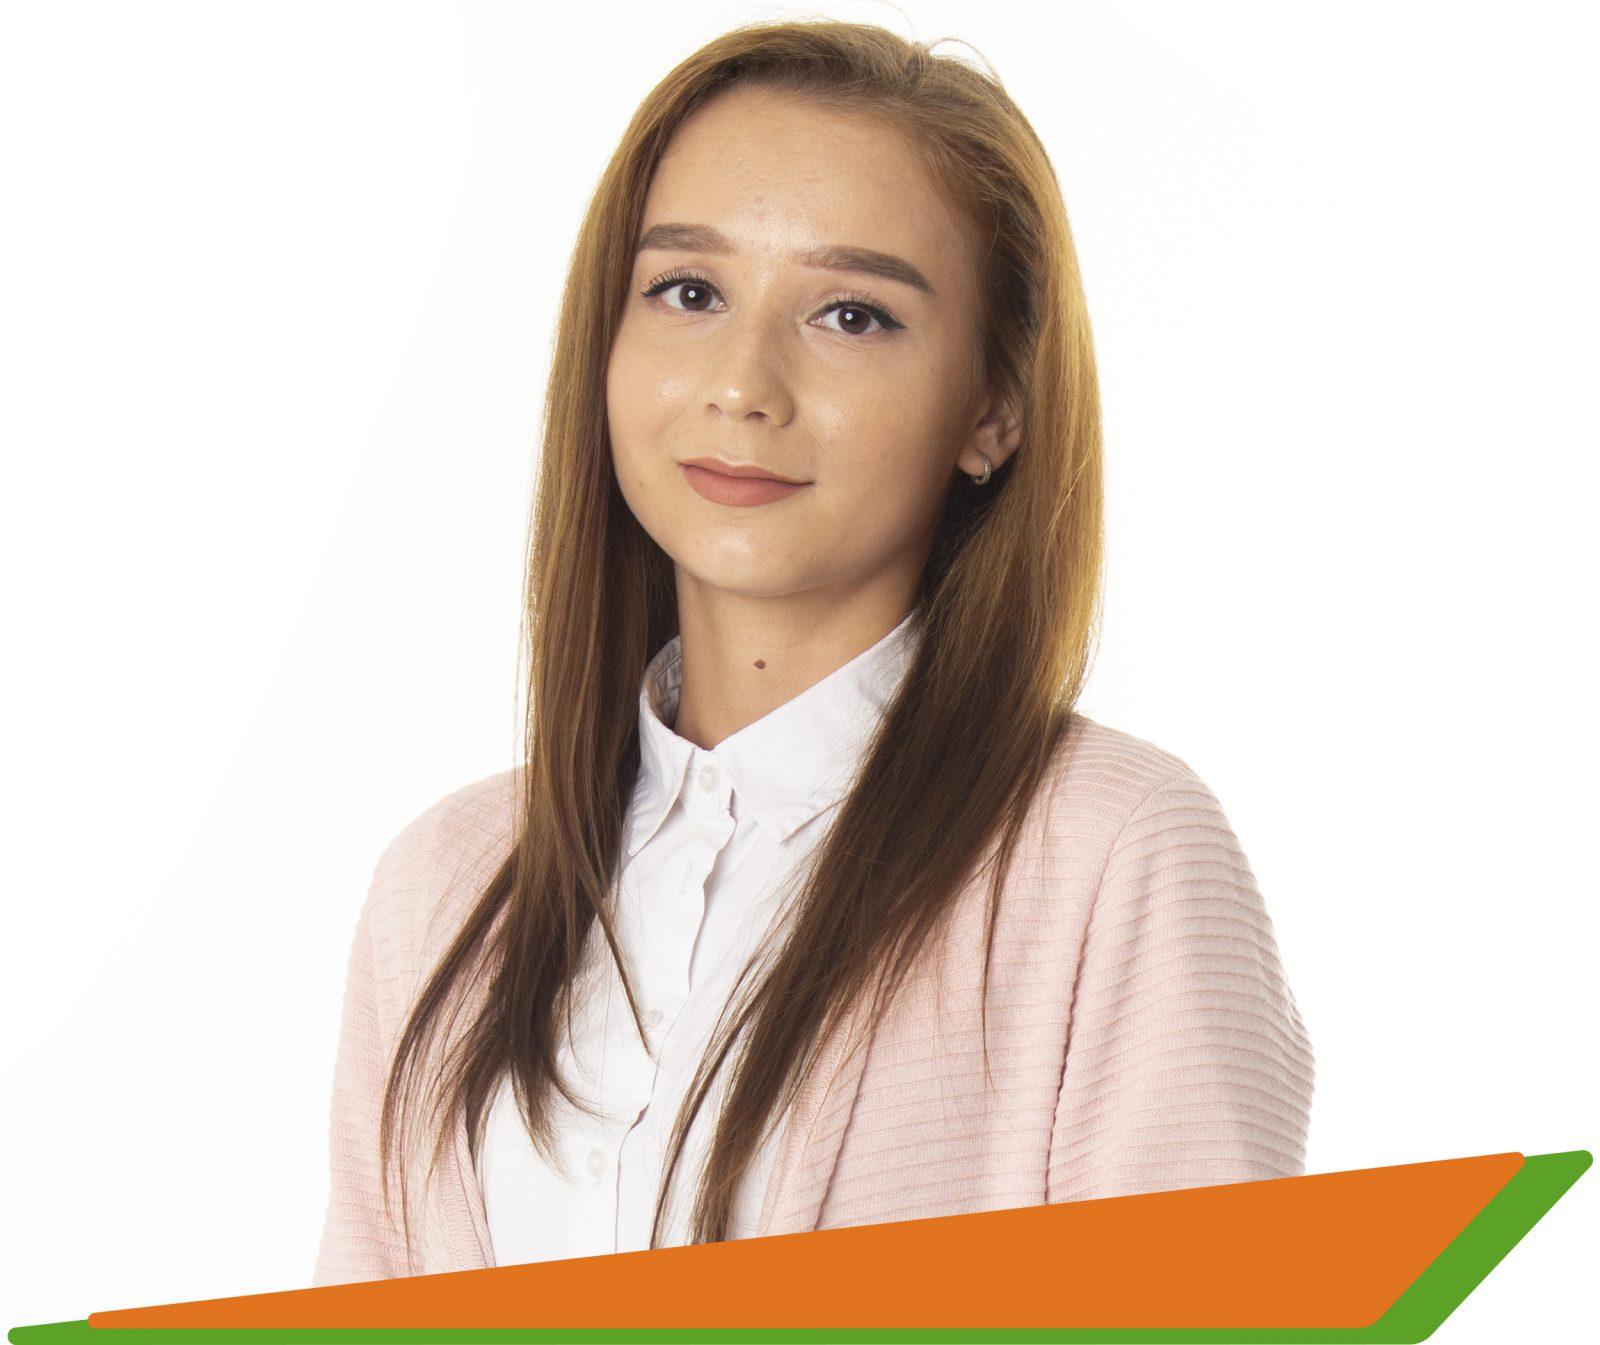 Виноградова Дина Сергеевна - - преподаватель английского языка